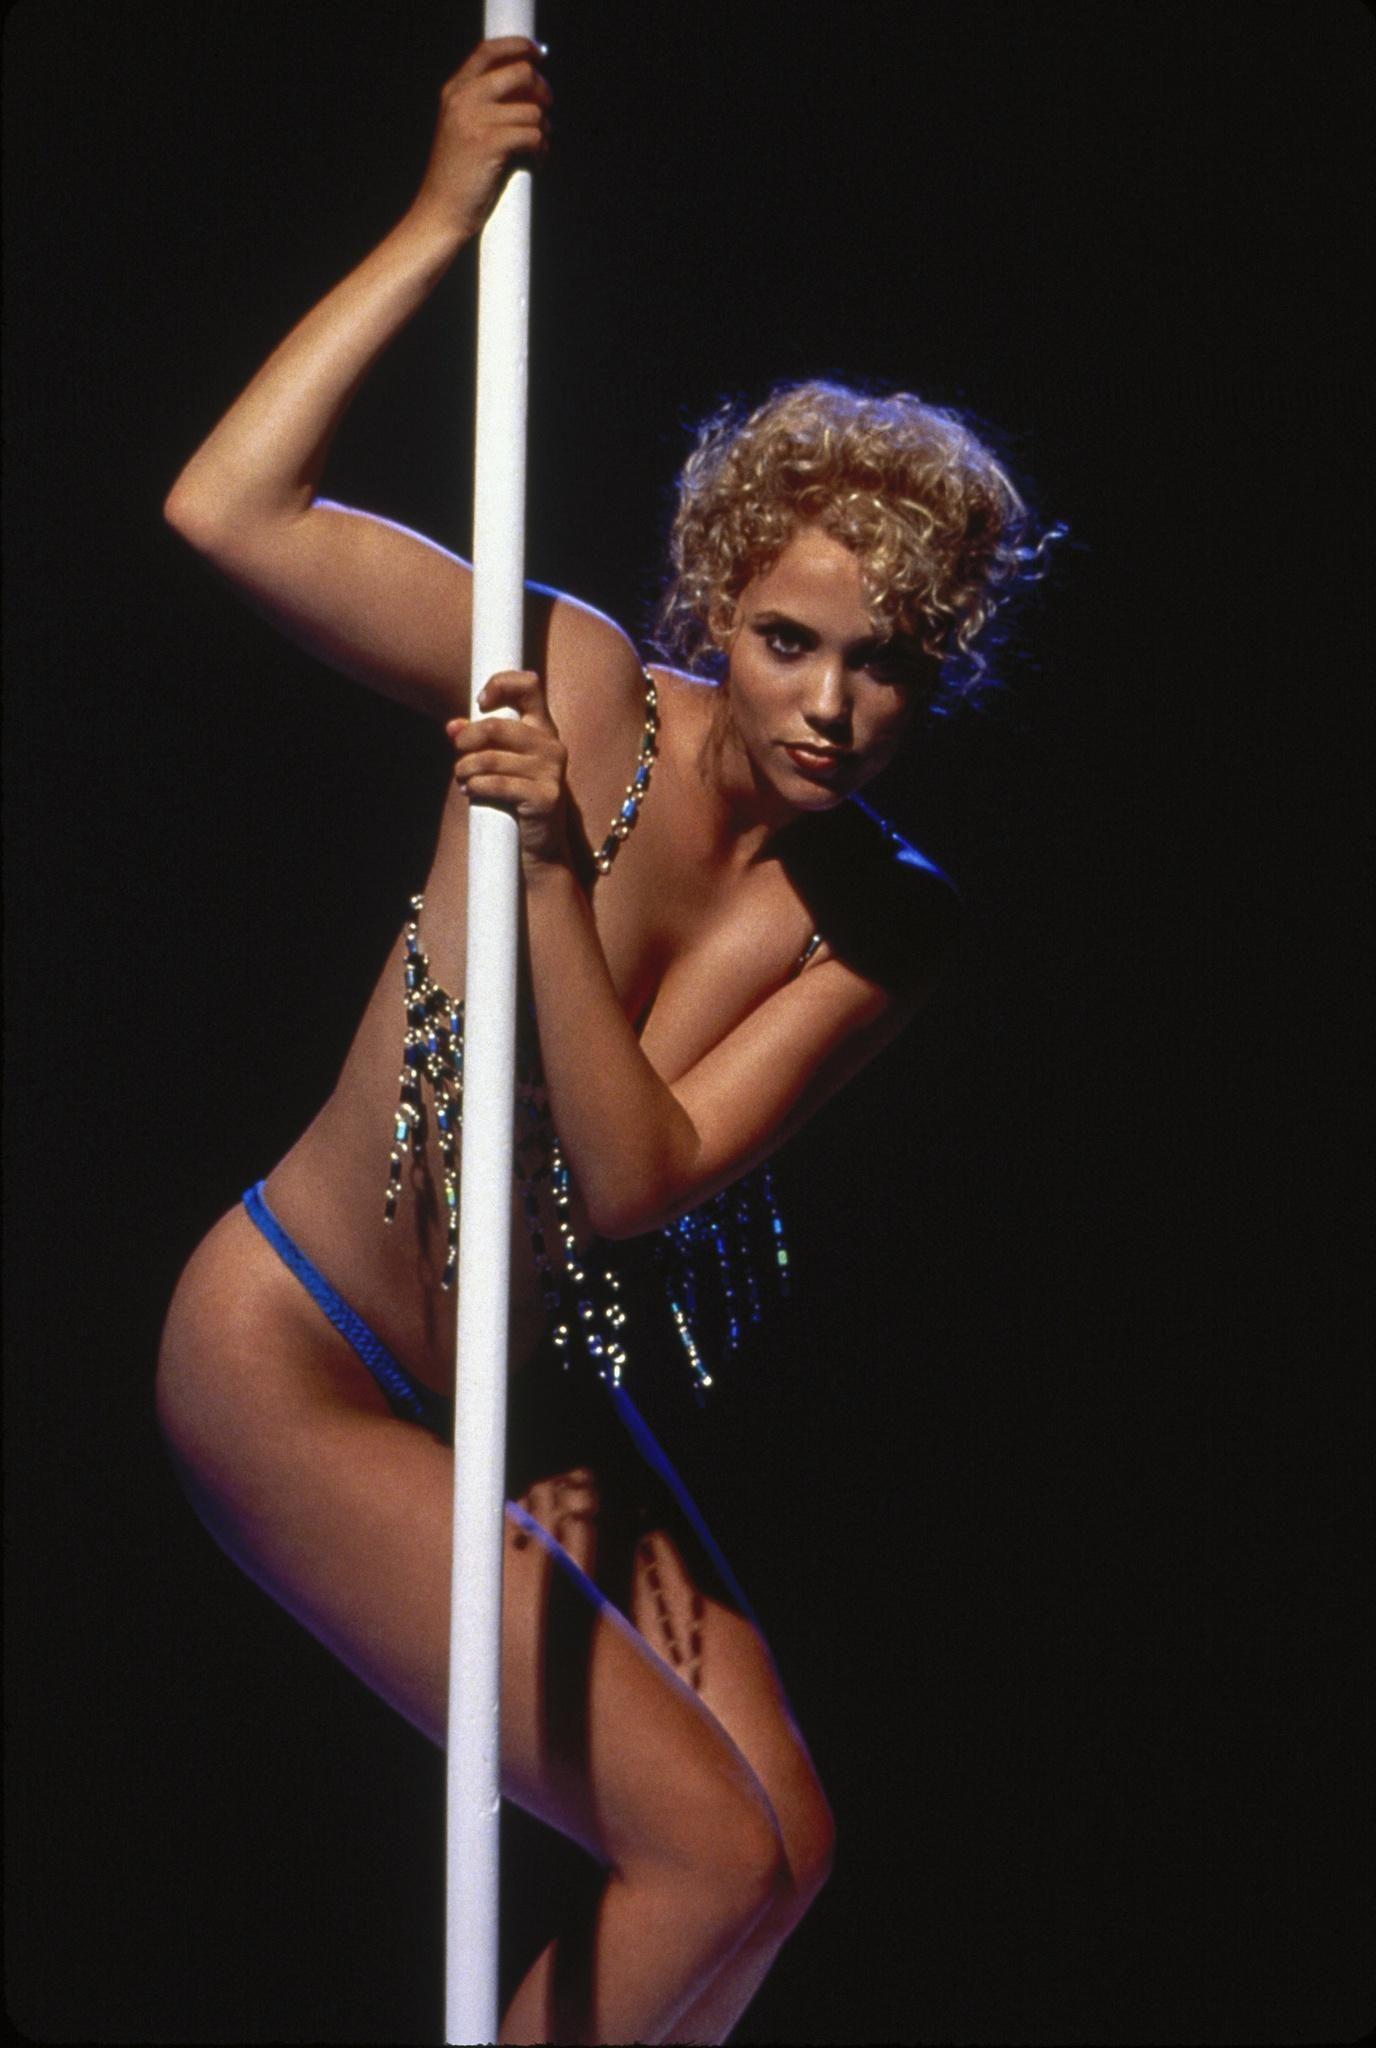 Elizabeth berkley showgirls hd